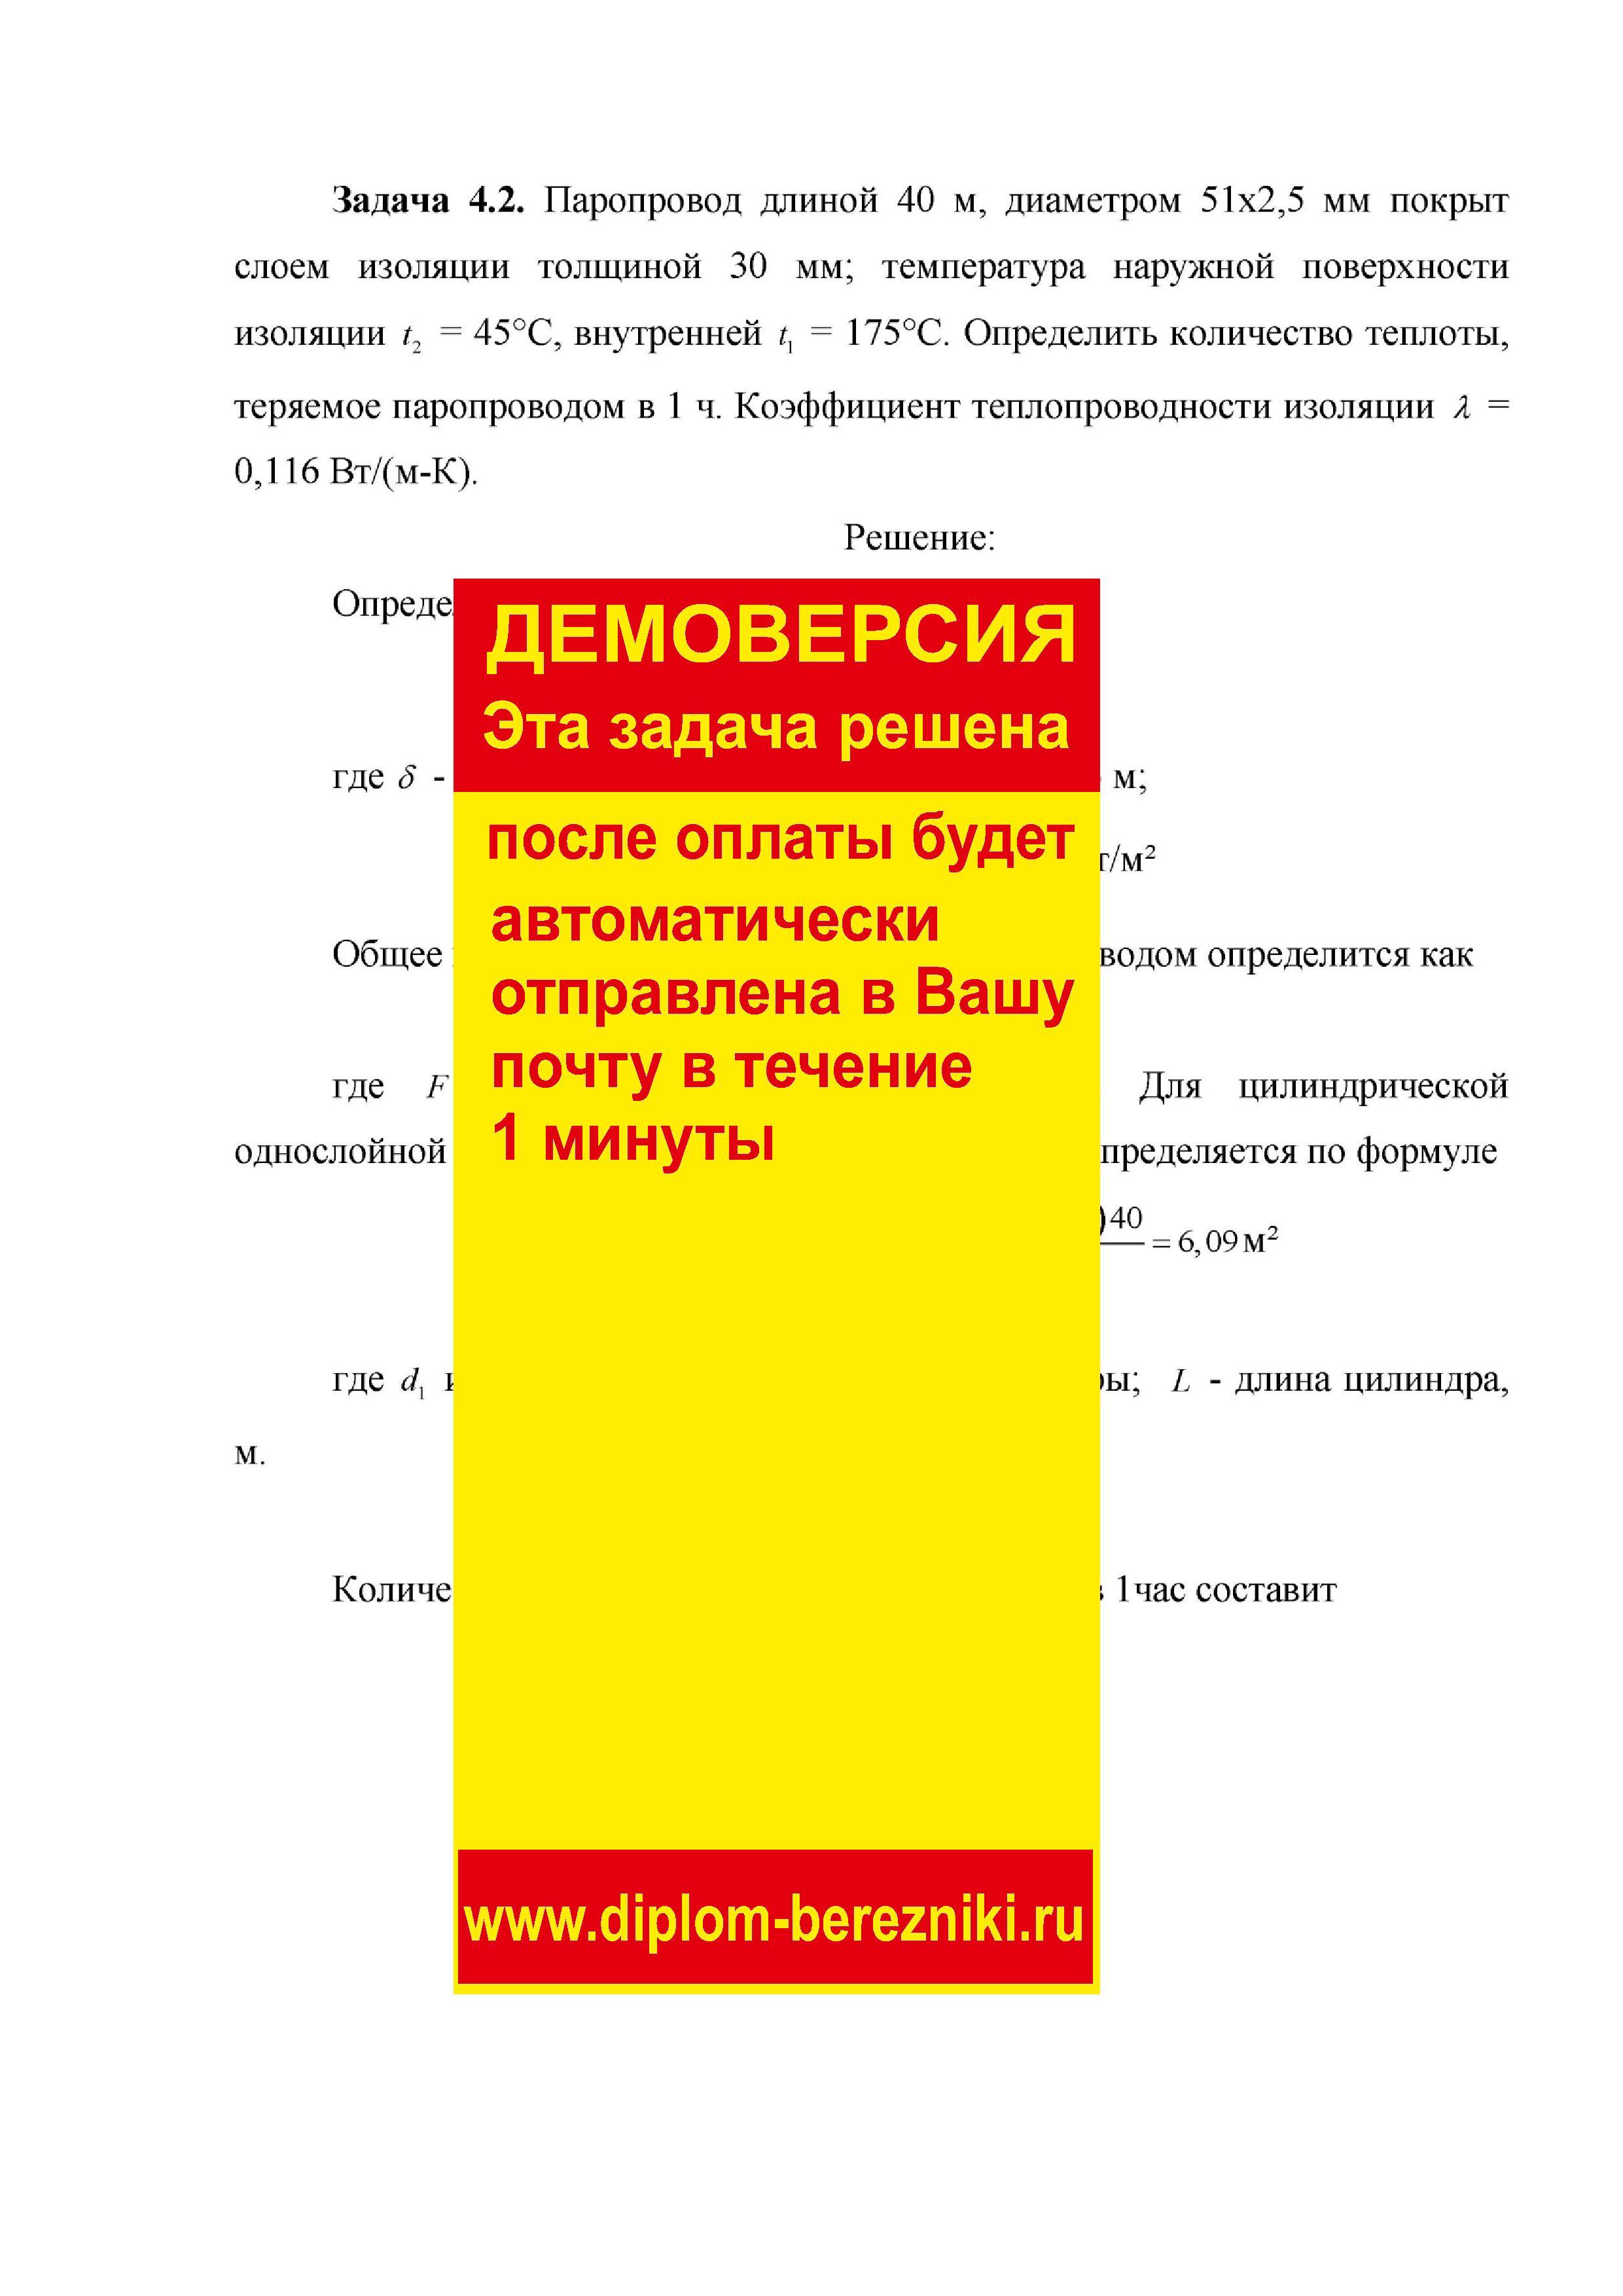 Решение задачи 4.2 по ПАХТ из задачника Павлова Романкова Носкова